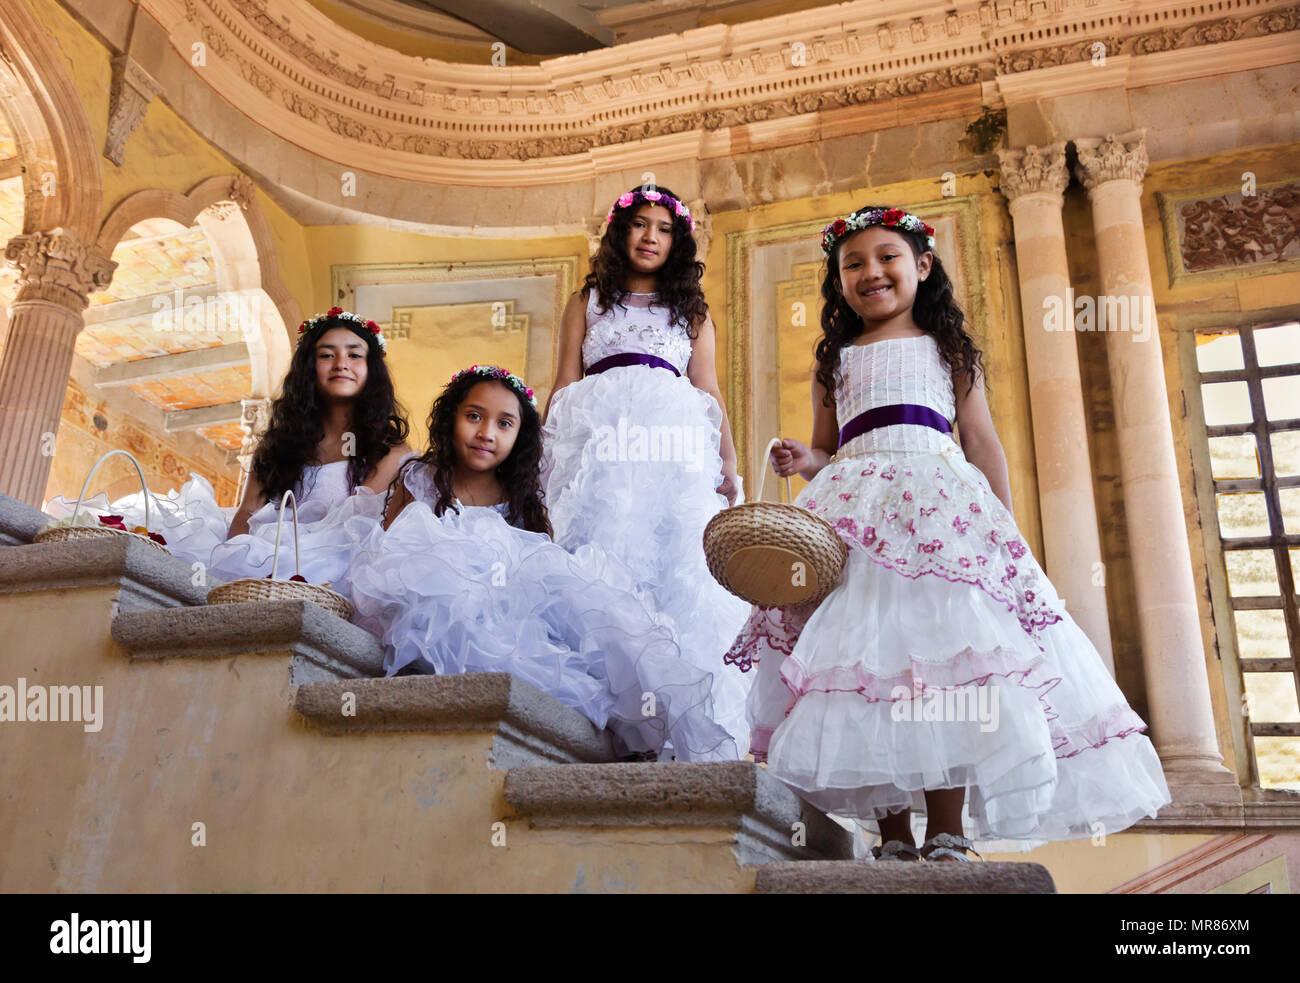 cdcc851e3971 Giovane messicano ragazze vestiti nei loro migliori di Pasqua a Jaral de  Berrio - SAN FELIPE